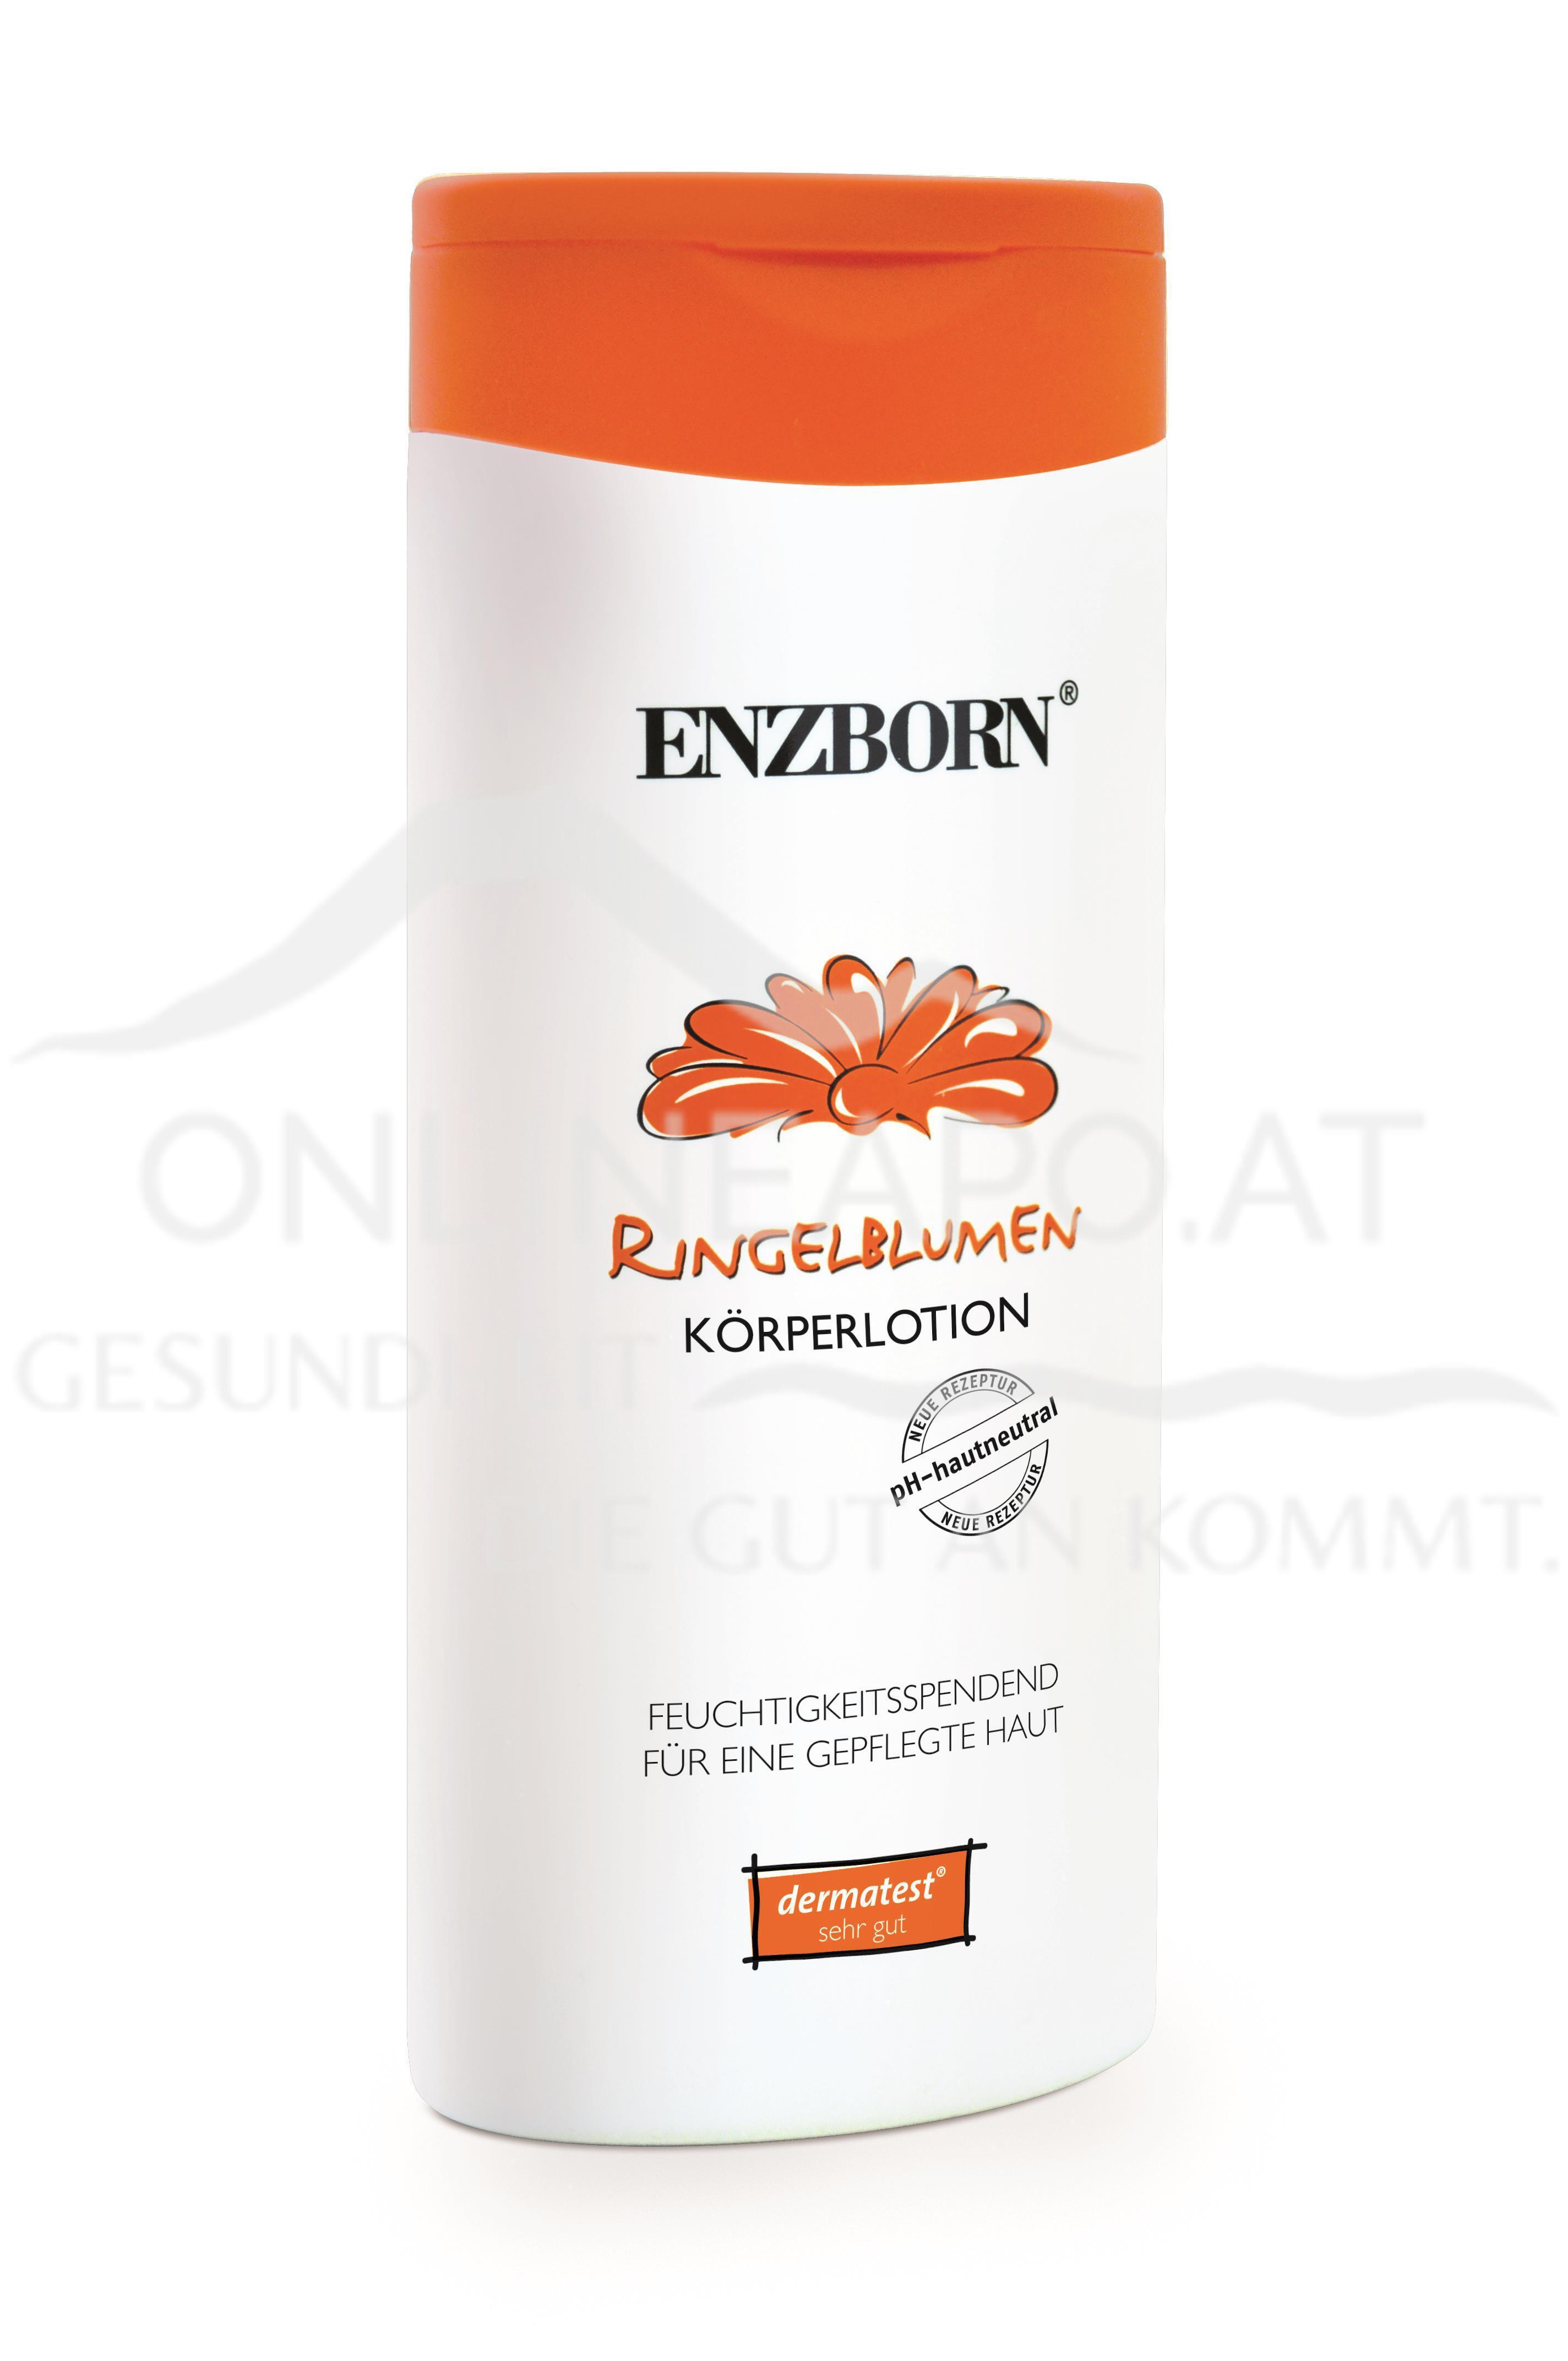 Enzborn Ringelblumen Körperlotion